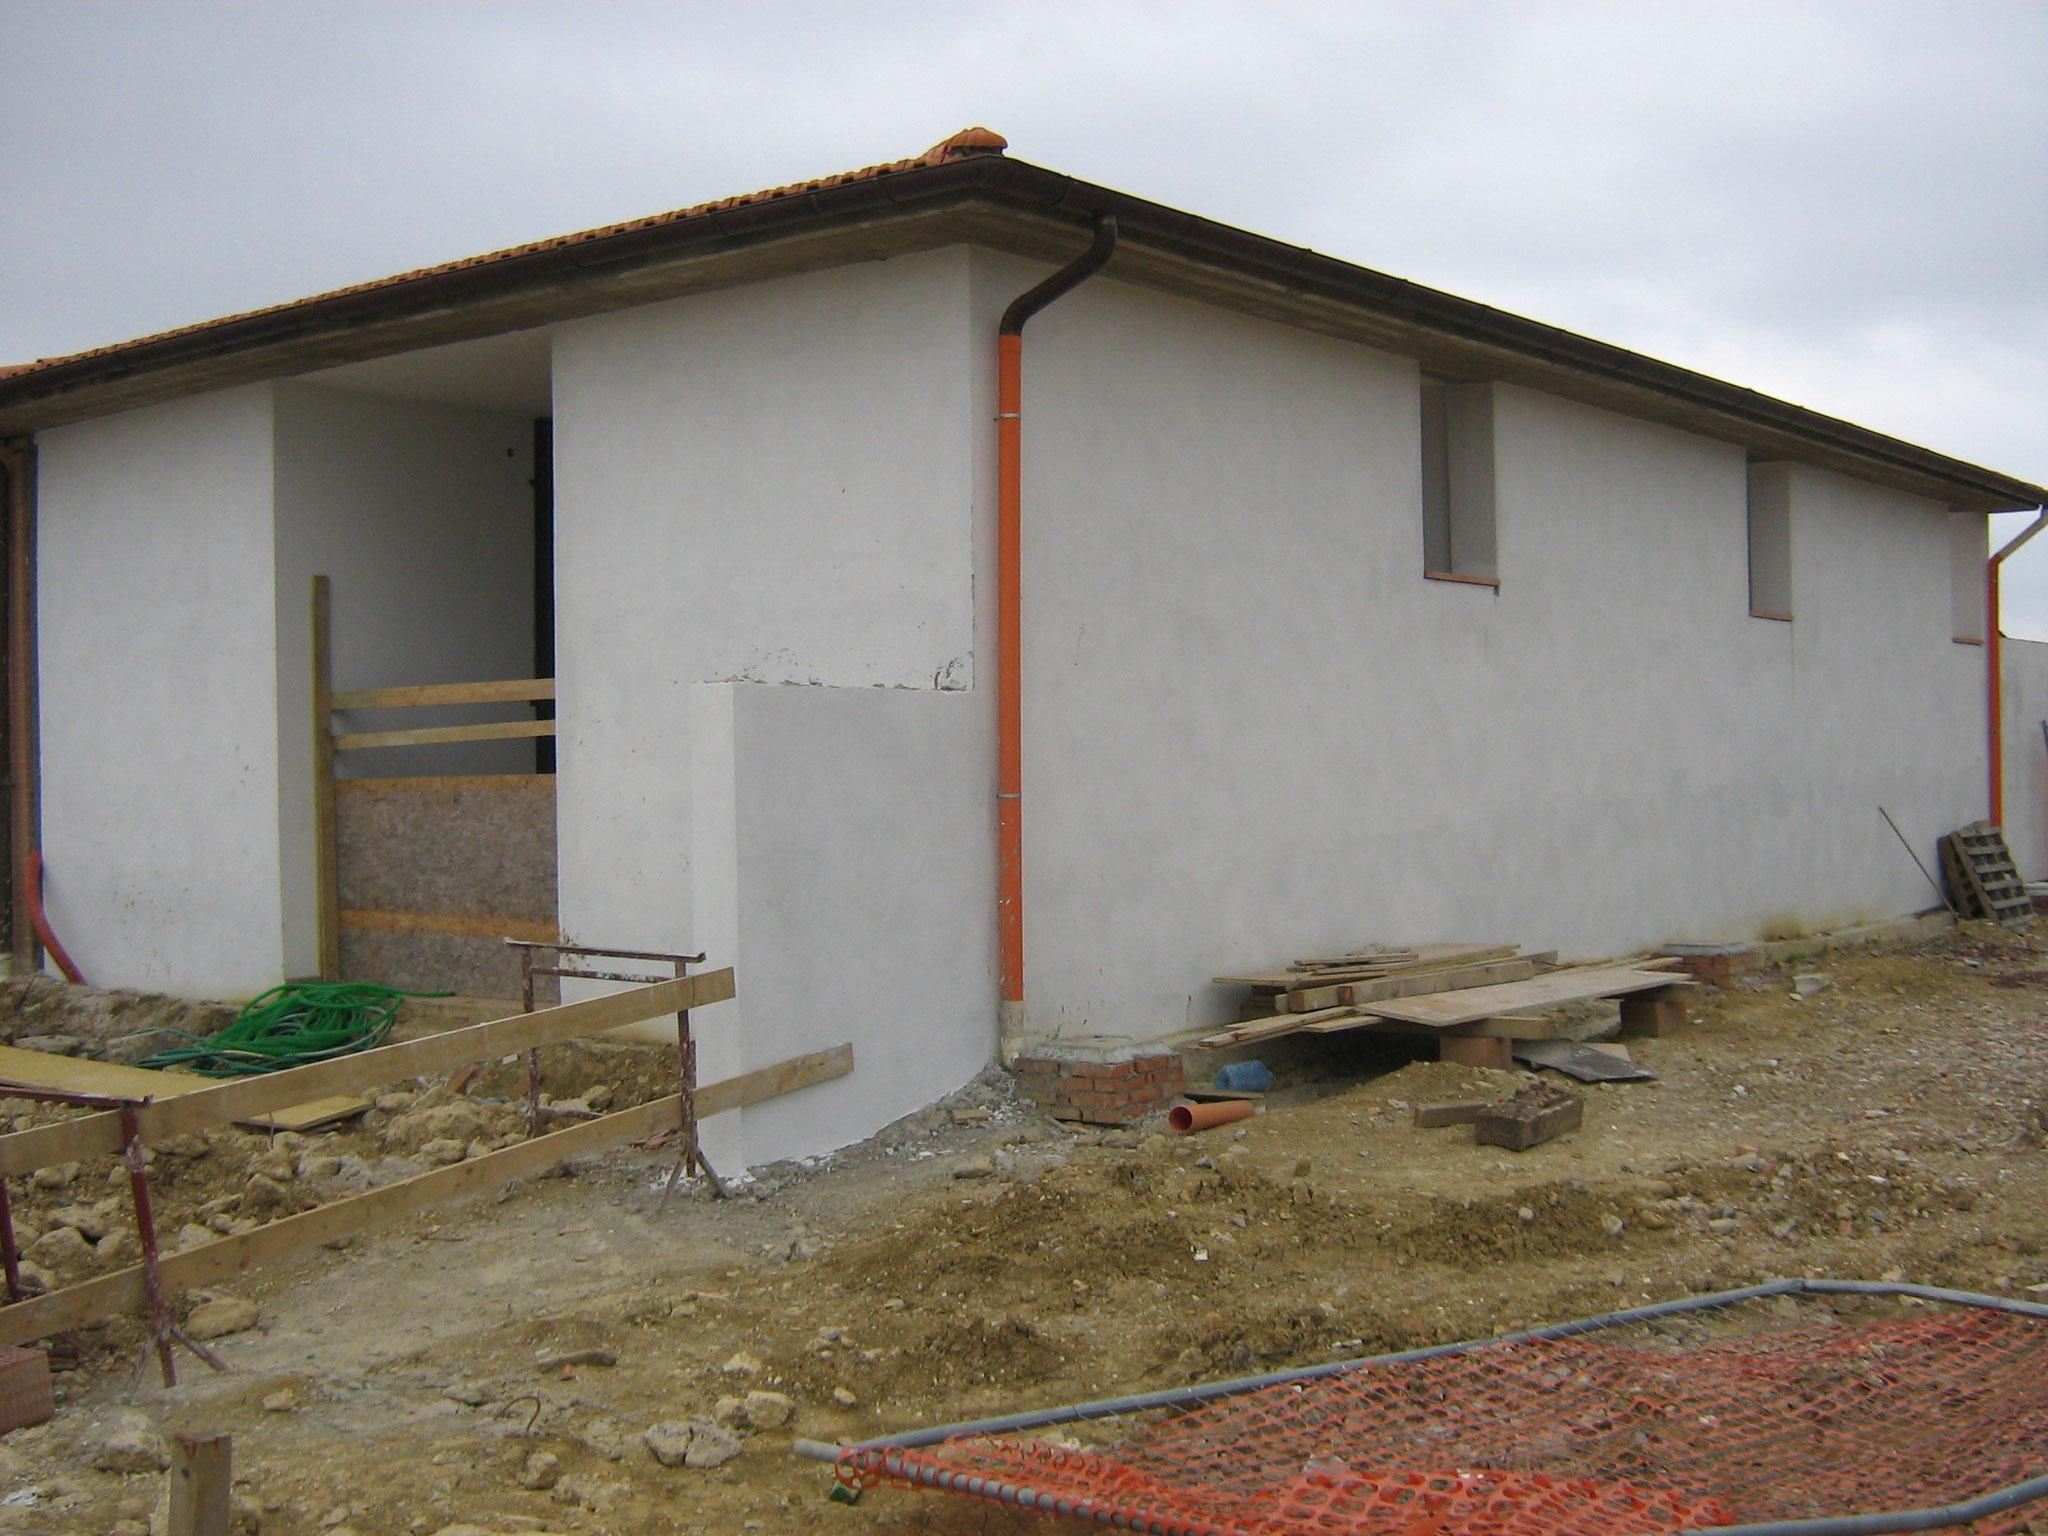 COMUNE DI TAVARNELLE VAL DI PESA - Lavori di realizzazione di un edificio polivalente per la frazione di Sambuca Val di Pesa.